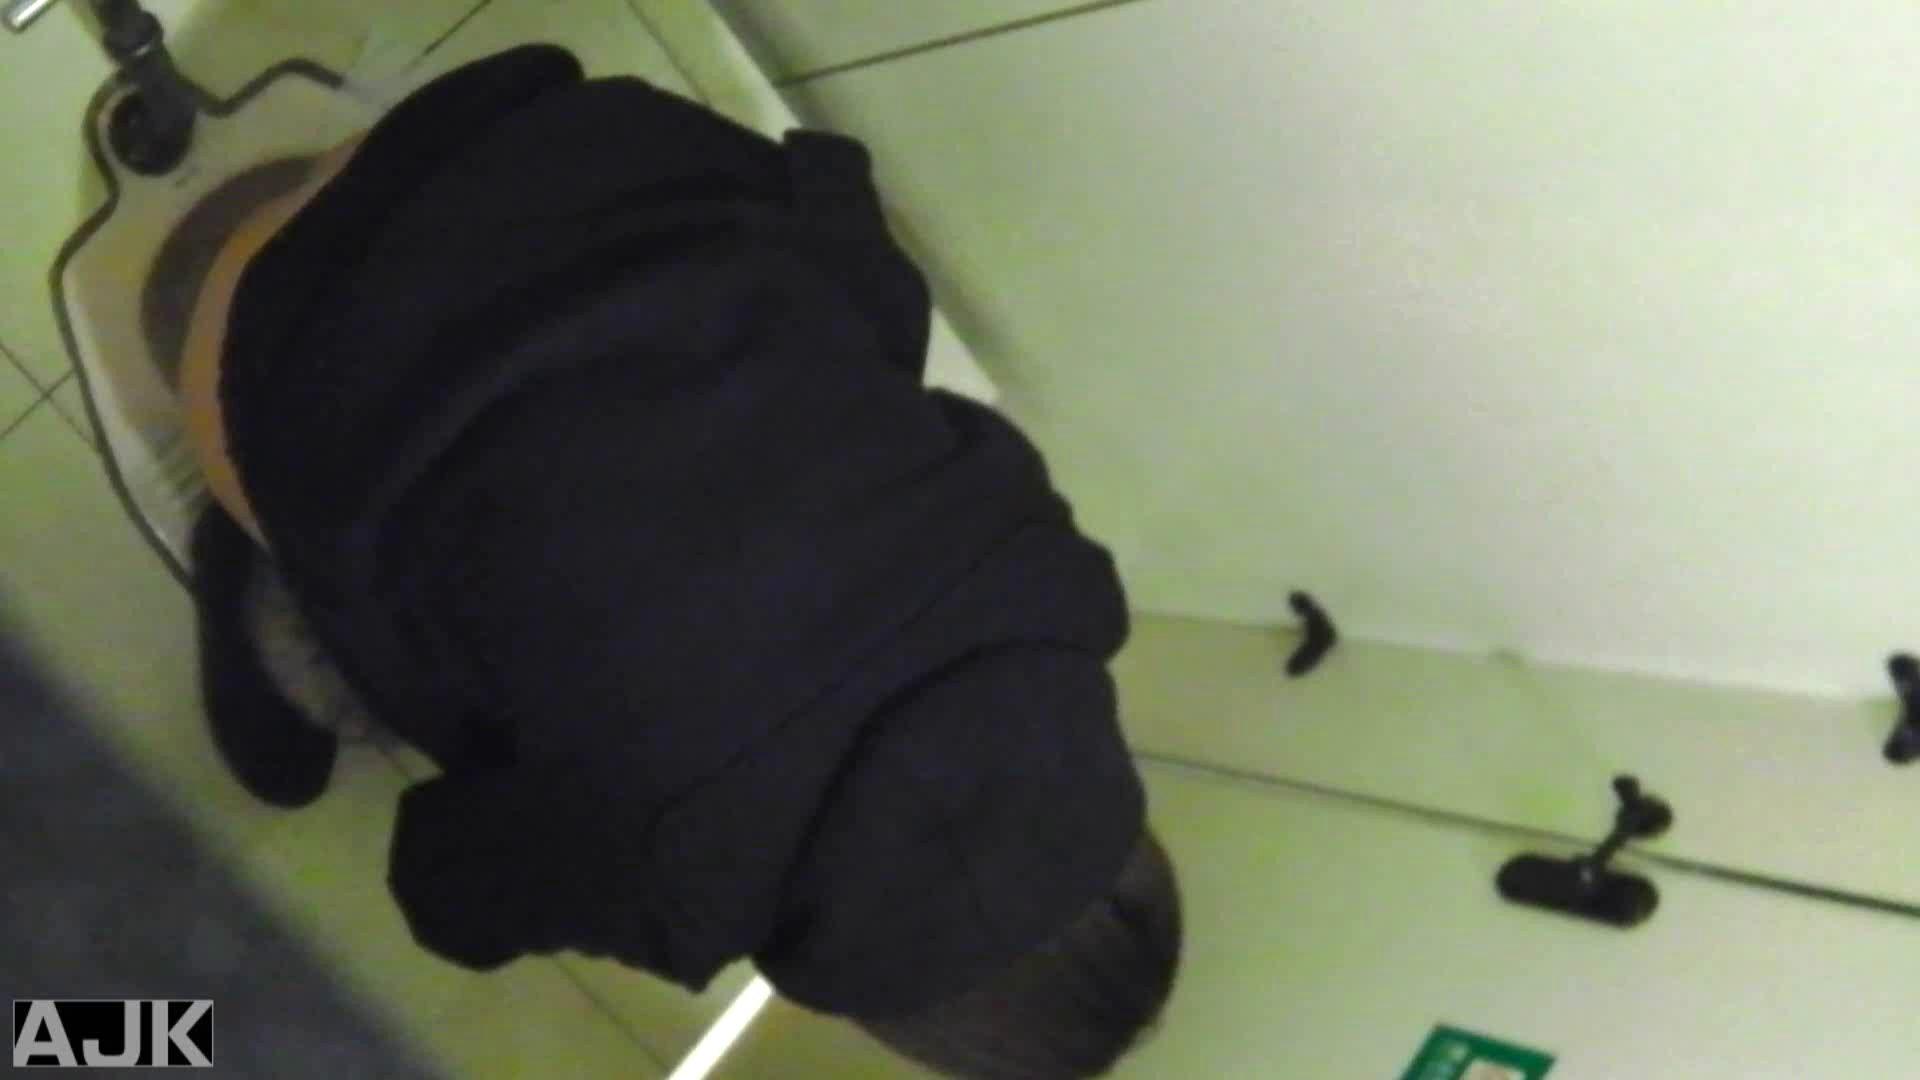 隣国上階級エリアの令嬢たちが集うデパートお手洗い Vol.19 便器 オマンコ動画キャプチャ 99枚 20